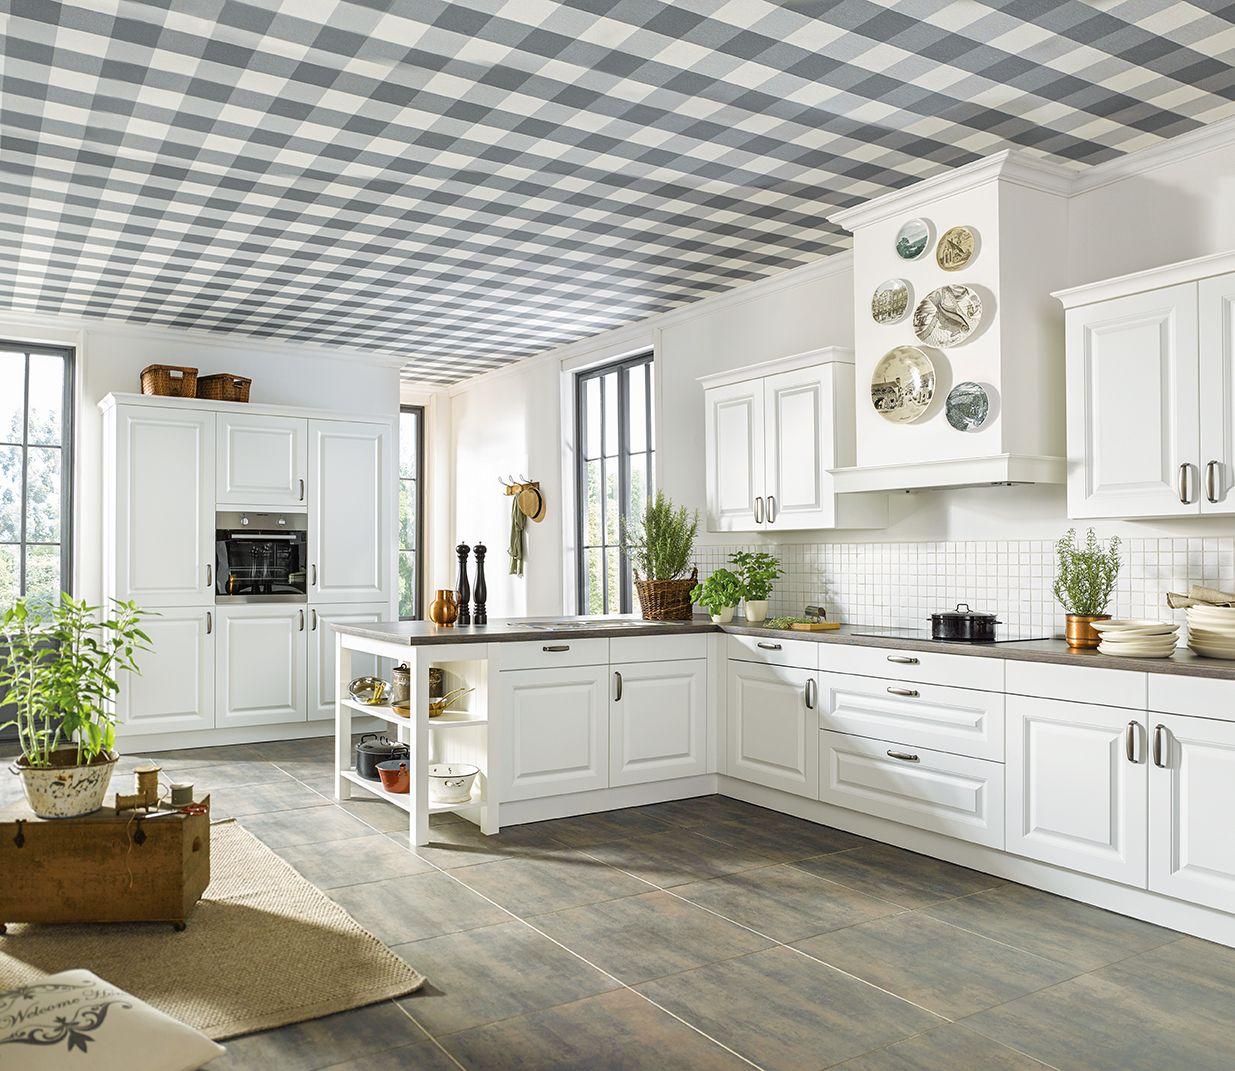 Wunderbar Crosley Feste Granit Küche Wagen Insel Fotos - Küche Set ...